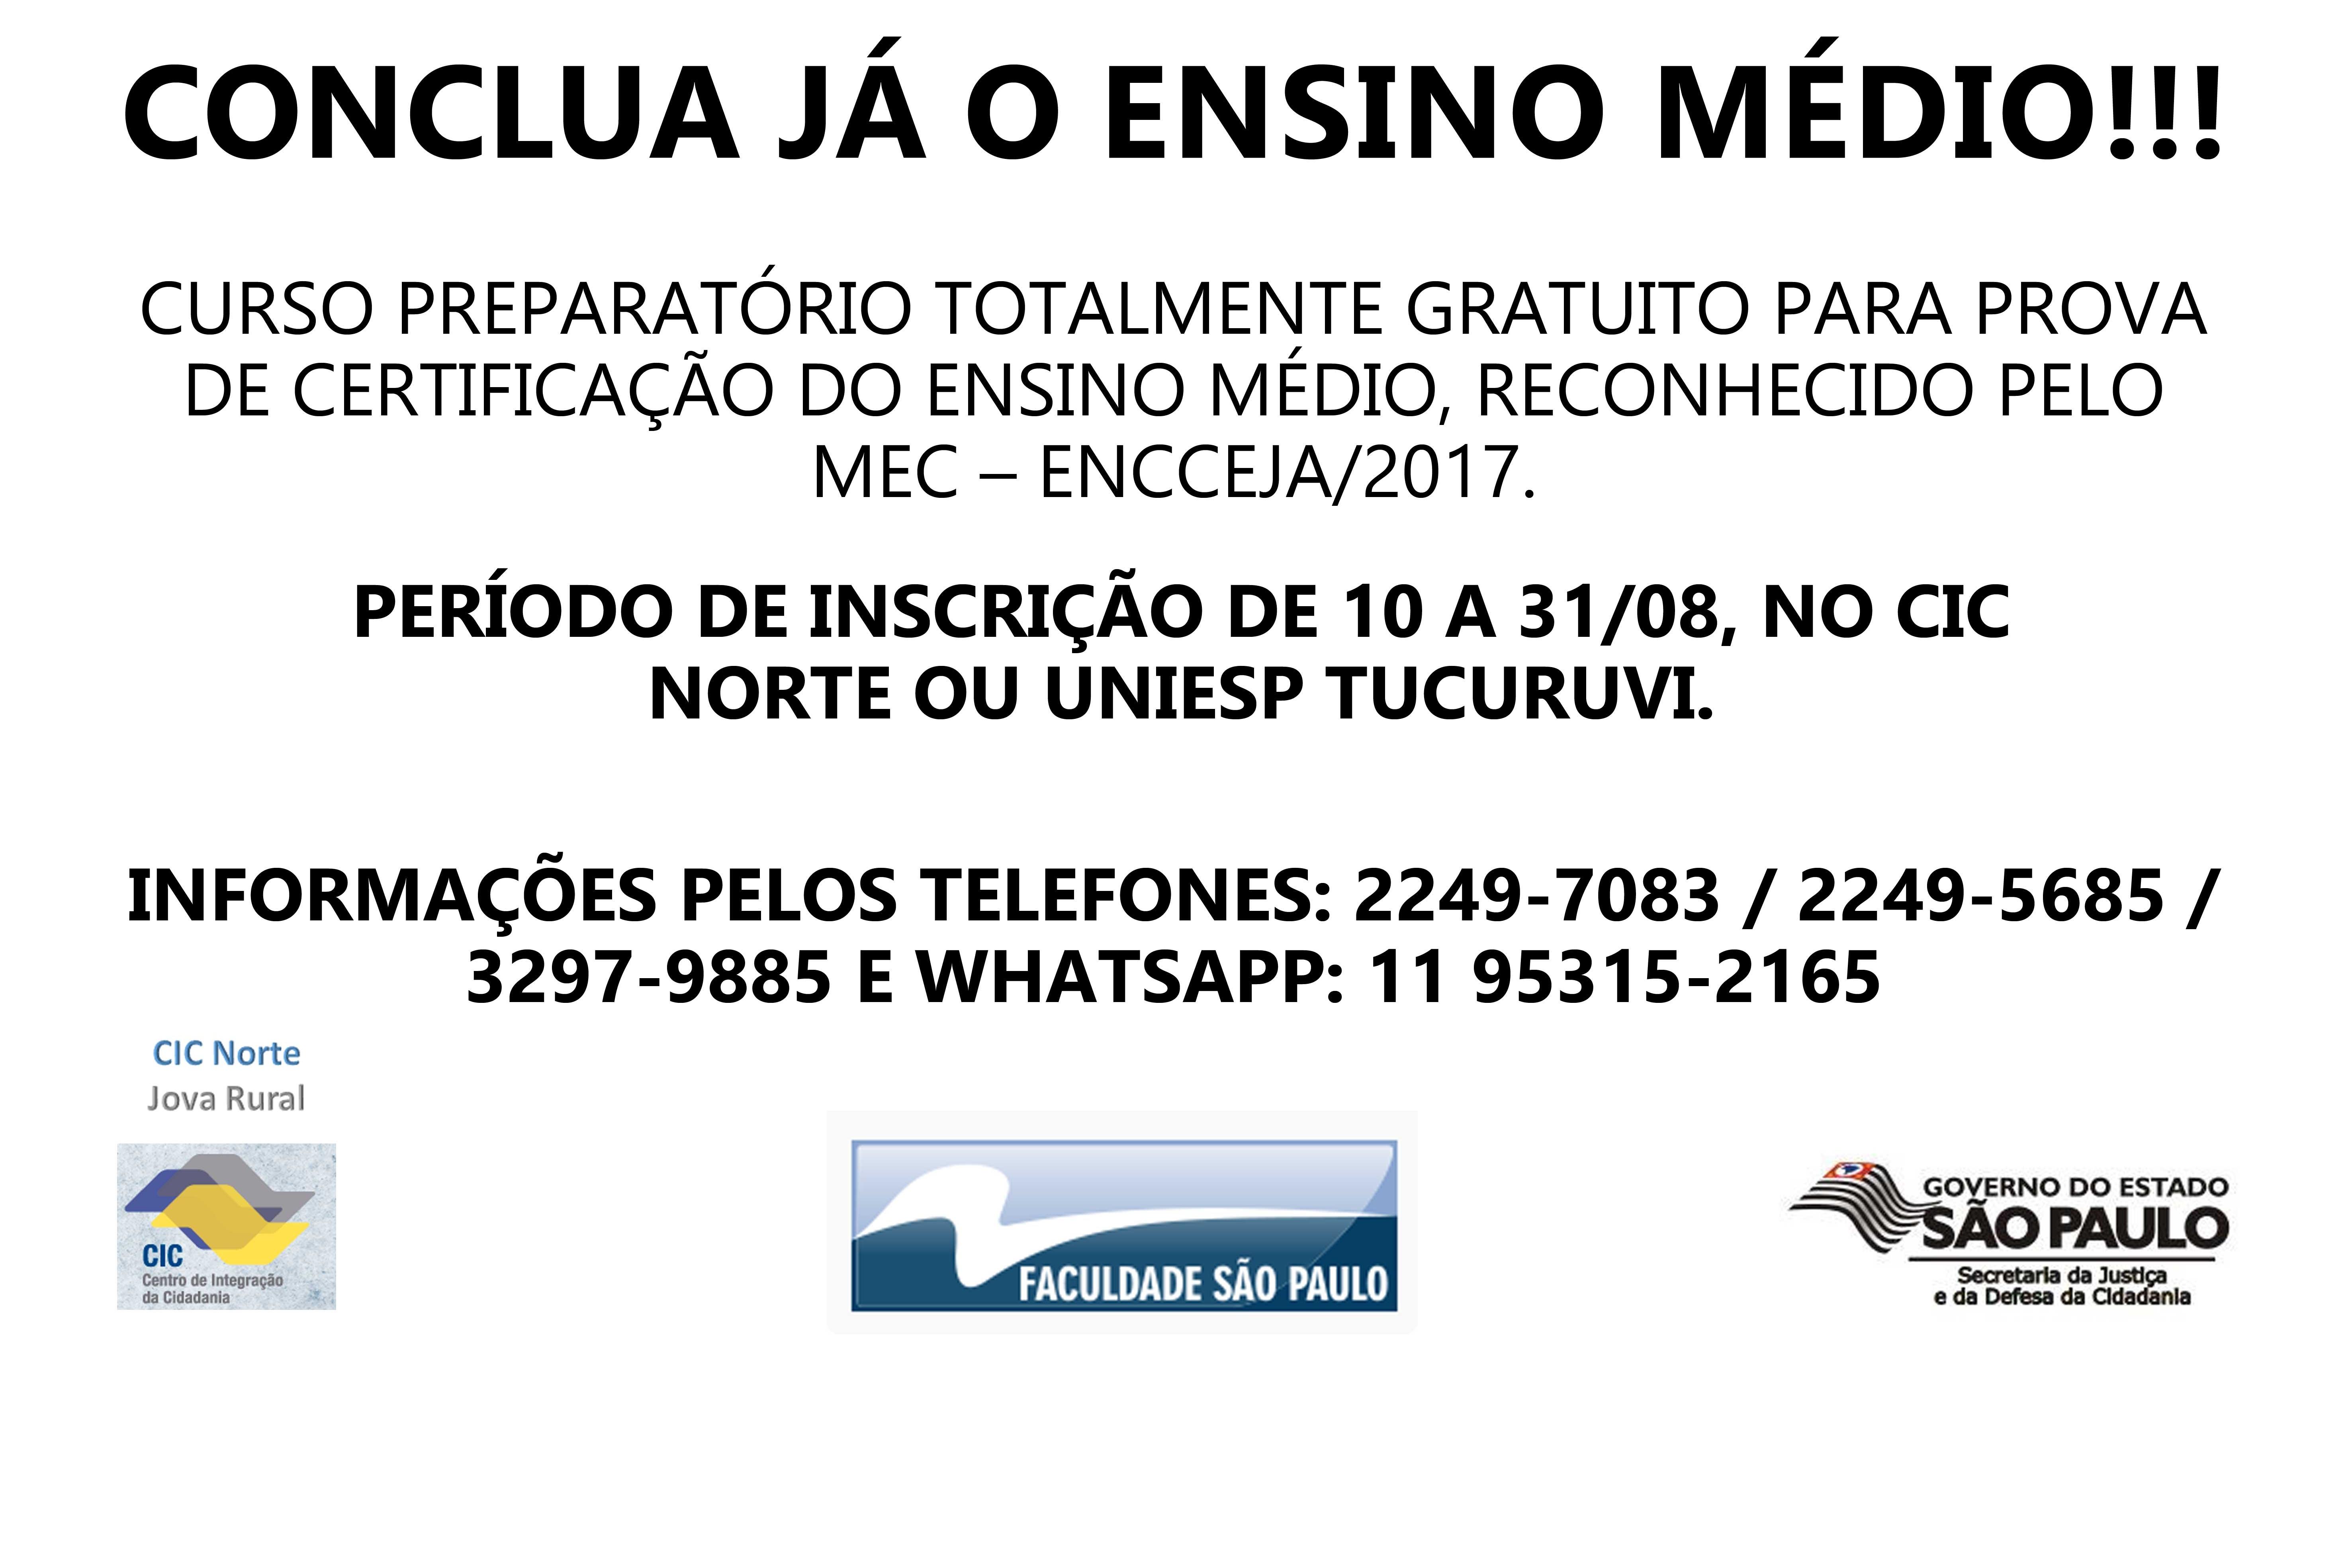 noticia UNIESP OFERECE CURSO PREPARATÓRIO GRATUITO PARA PROVA DE CERTIFICAÇÃO DO ENSINO MÉDIO